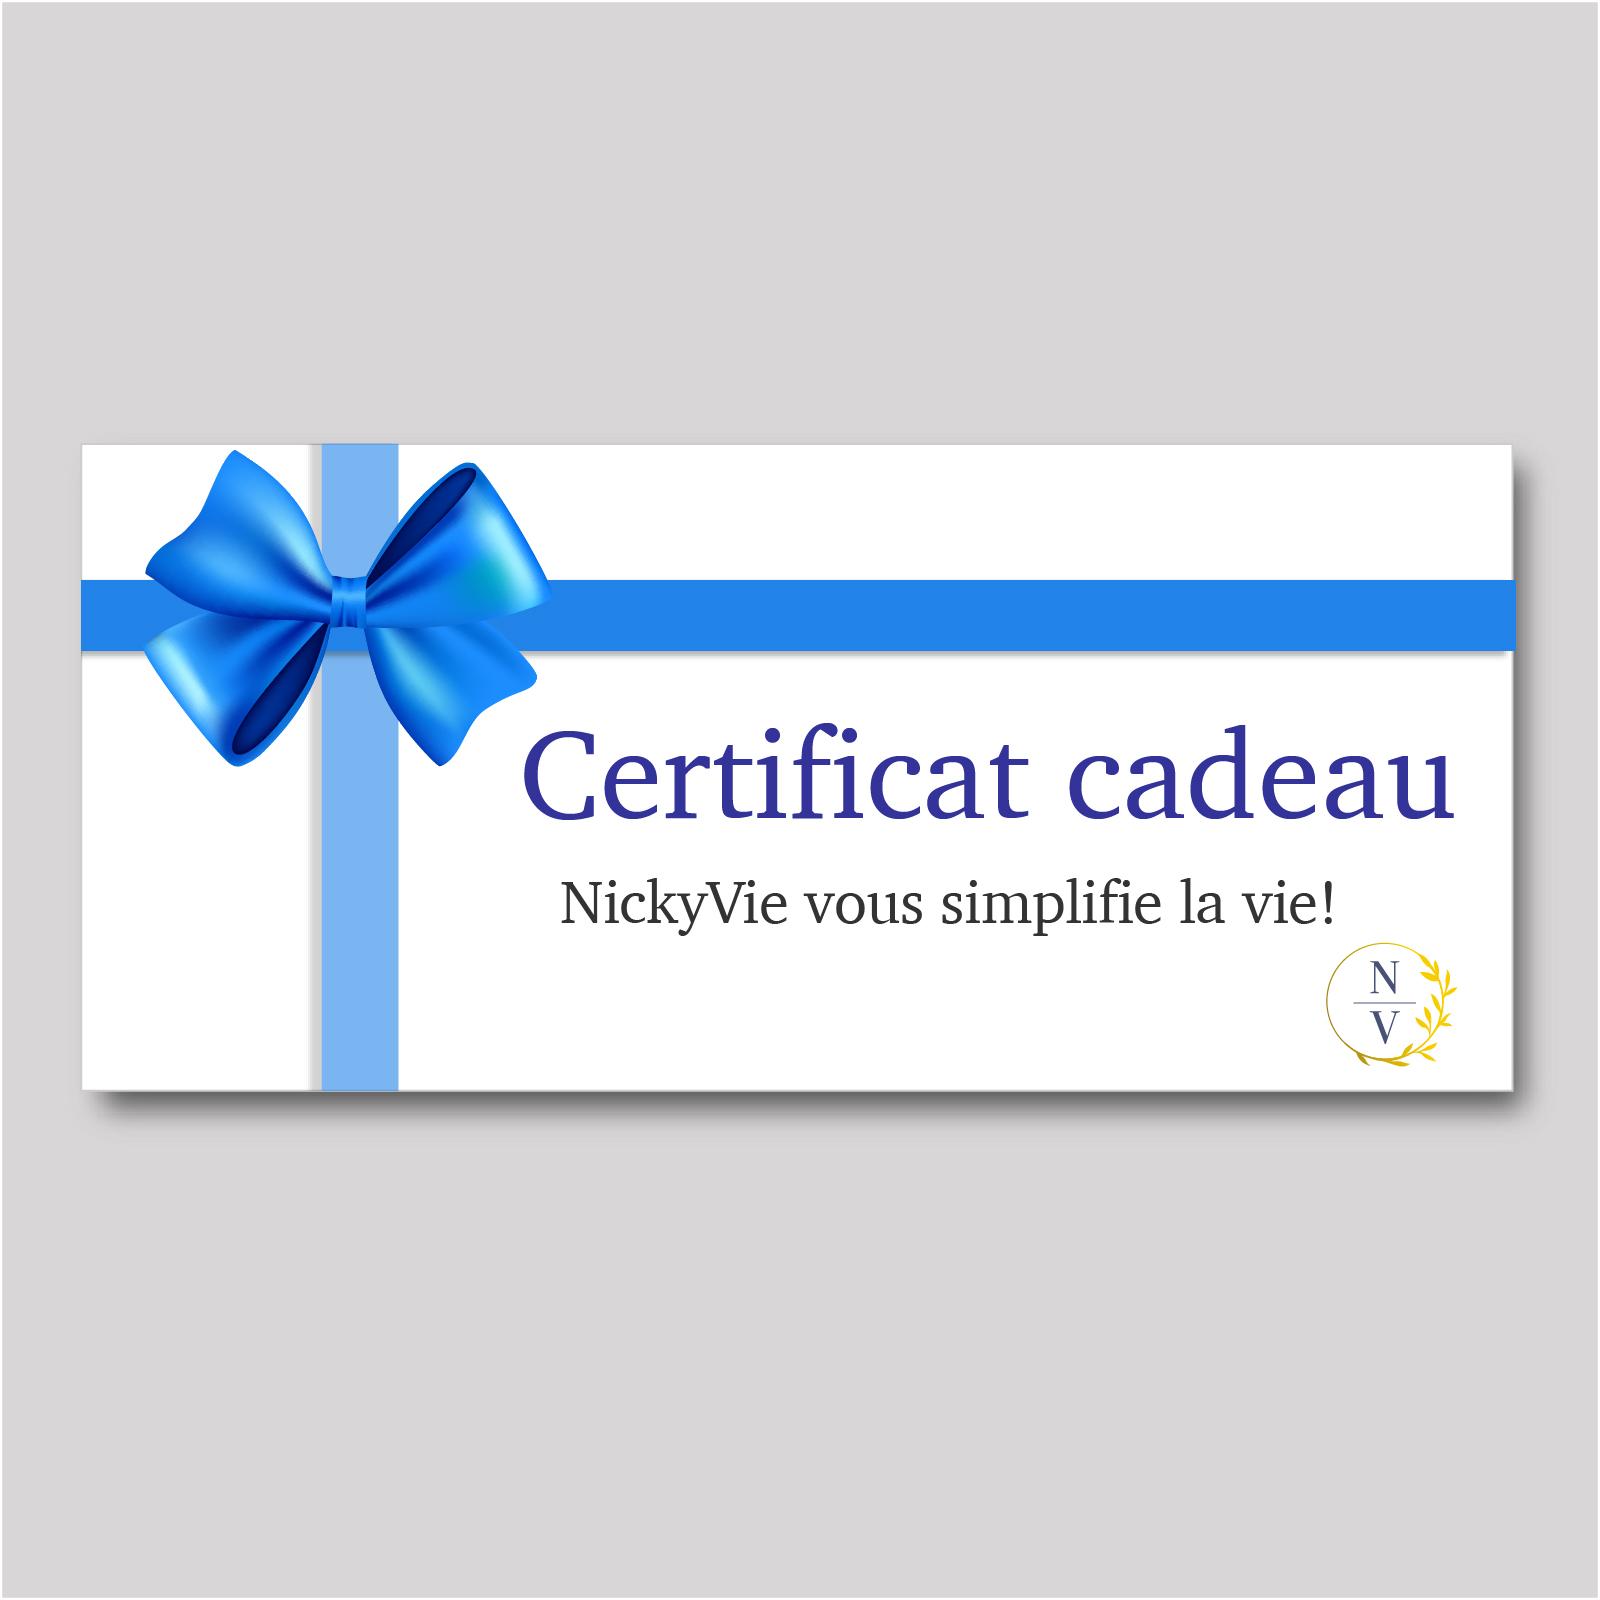 Certificat cadeau pour des services de conciergerie à domicile